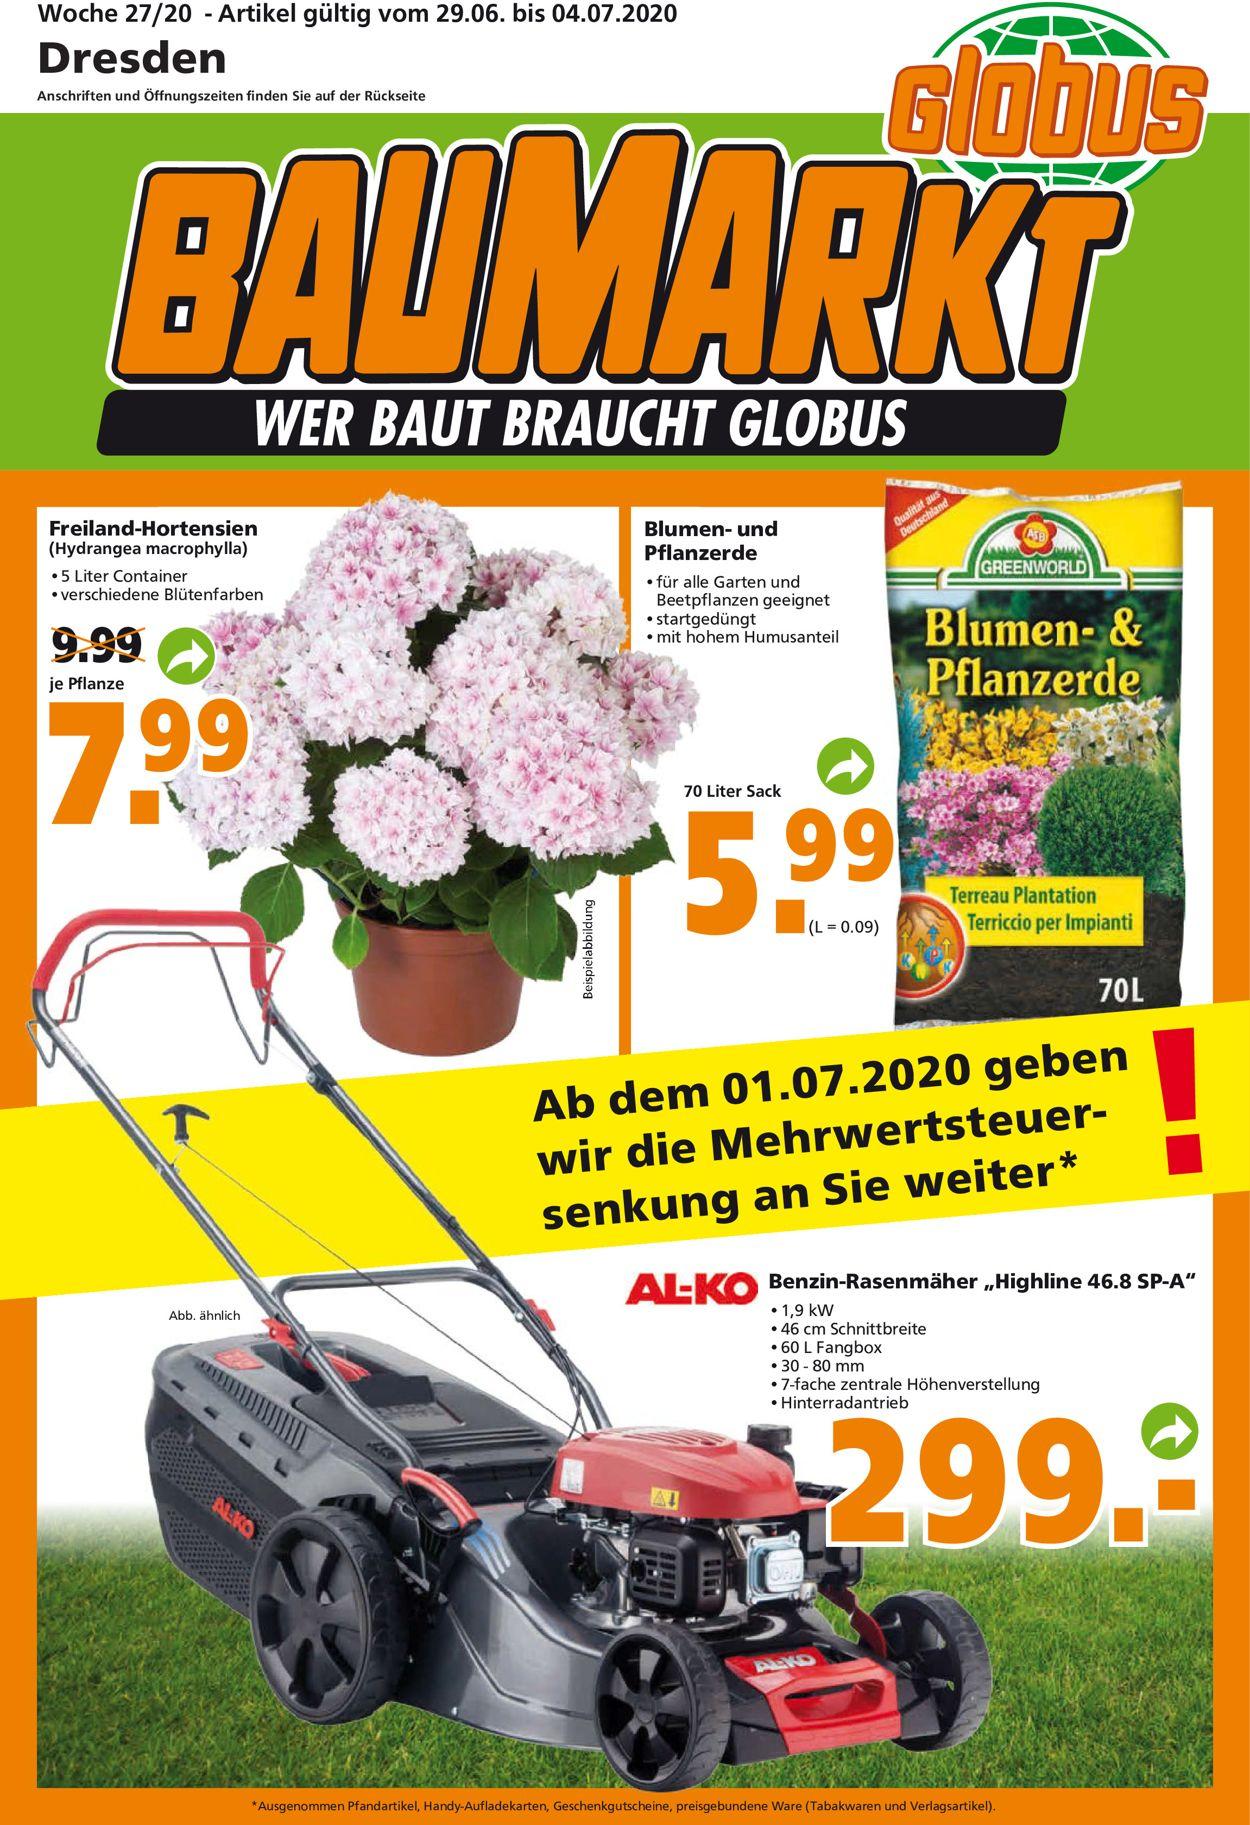 Globus Baumarkt Prospekt - Aktuell vom 29.06-04.07.2020